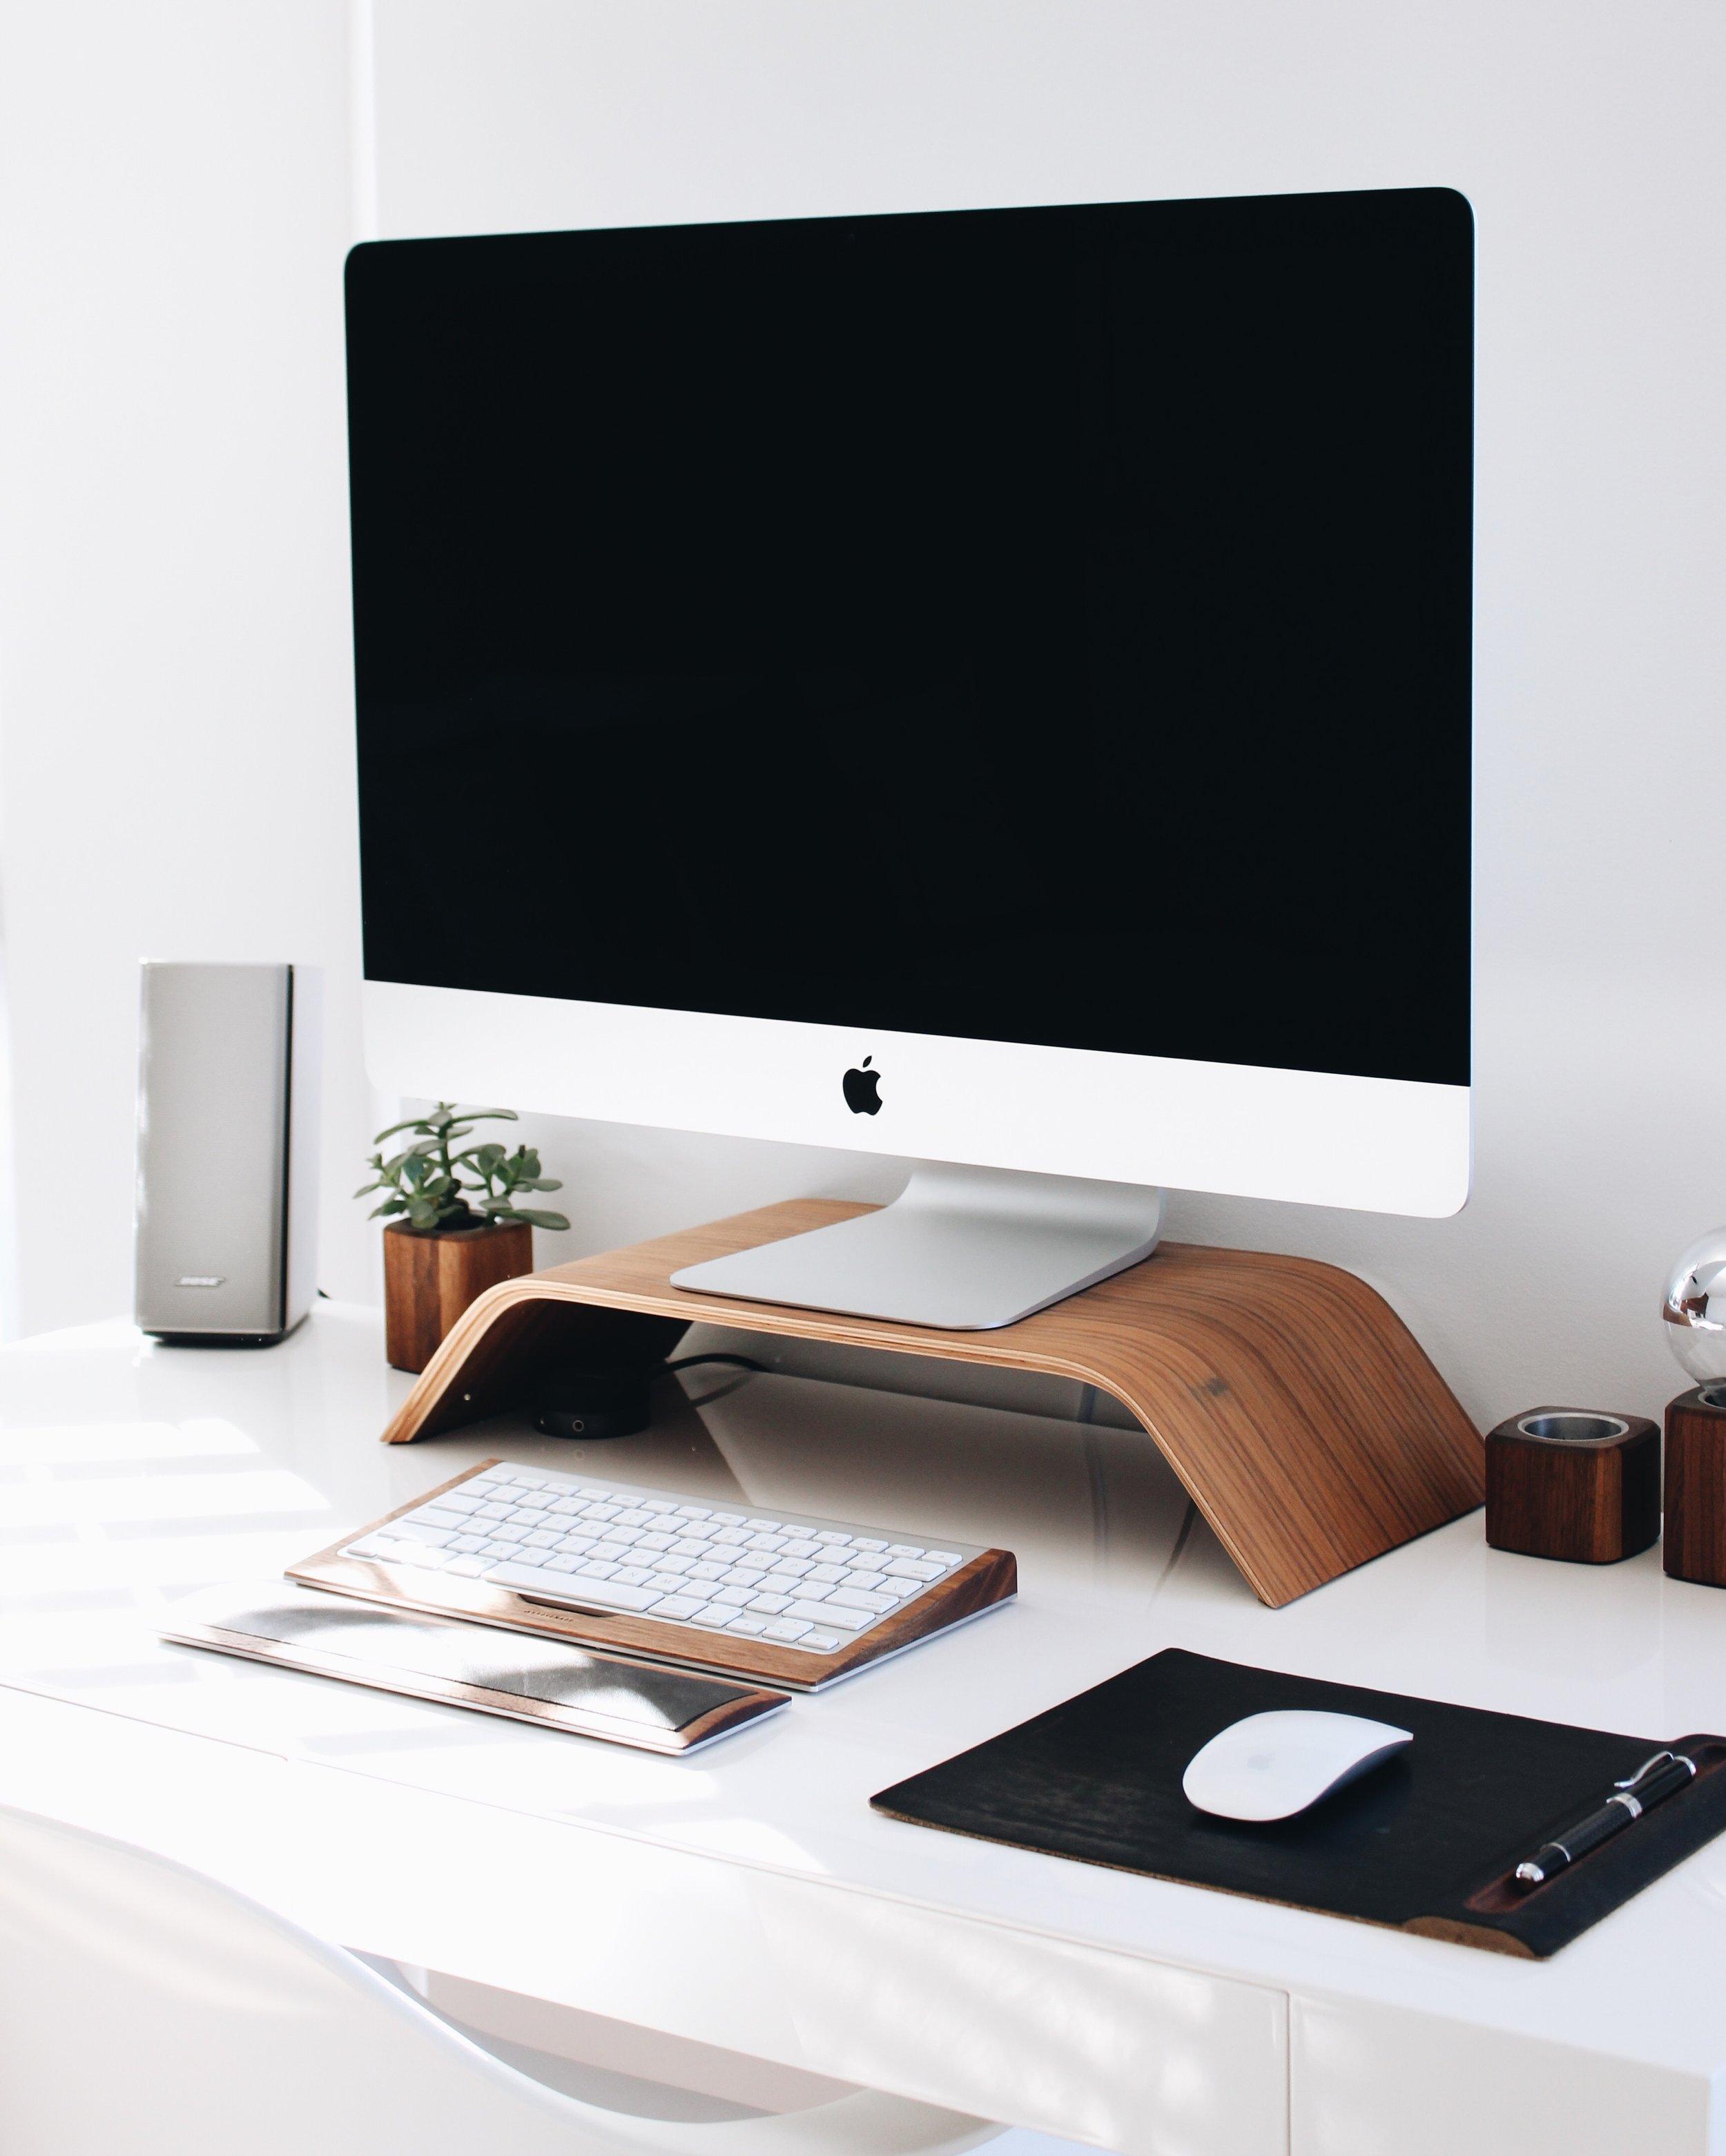 Design Service - Professionelle Designleistungen für dein Unternehmen.- Webdesign- Webshop- Logodesign und Branding- Drucksachen- UX Design- UX Research- Digitale Tools für dein Unternehmen